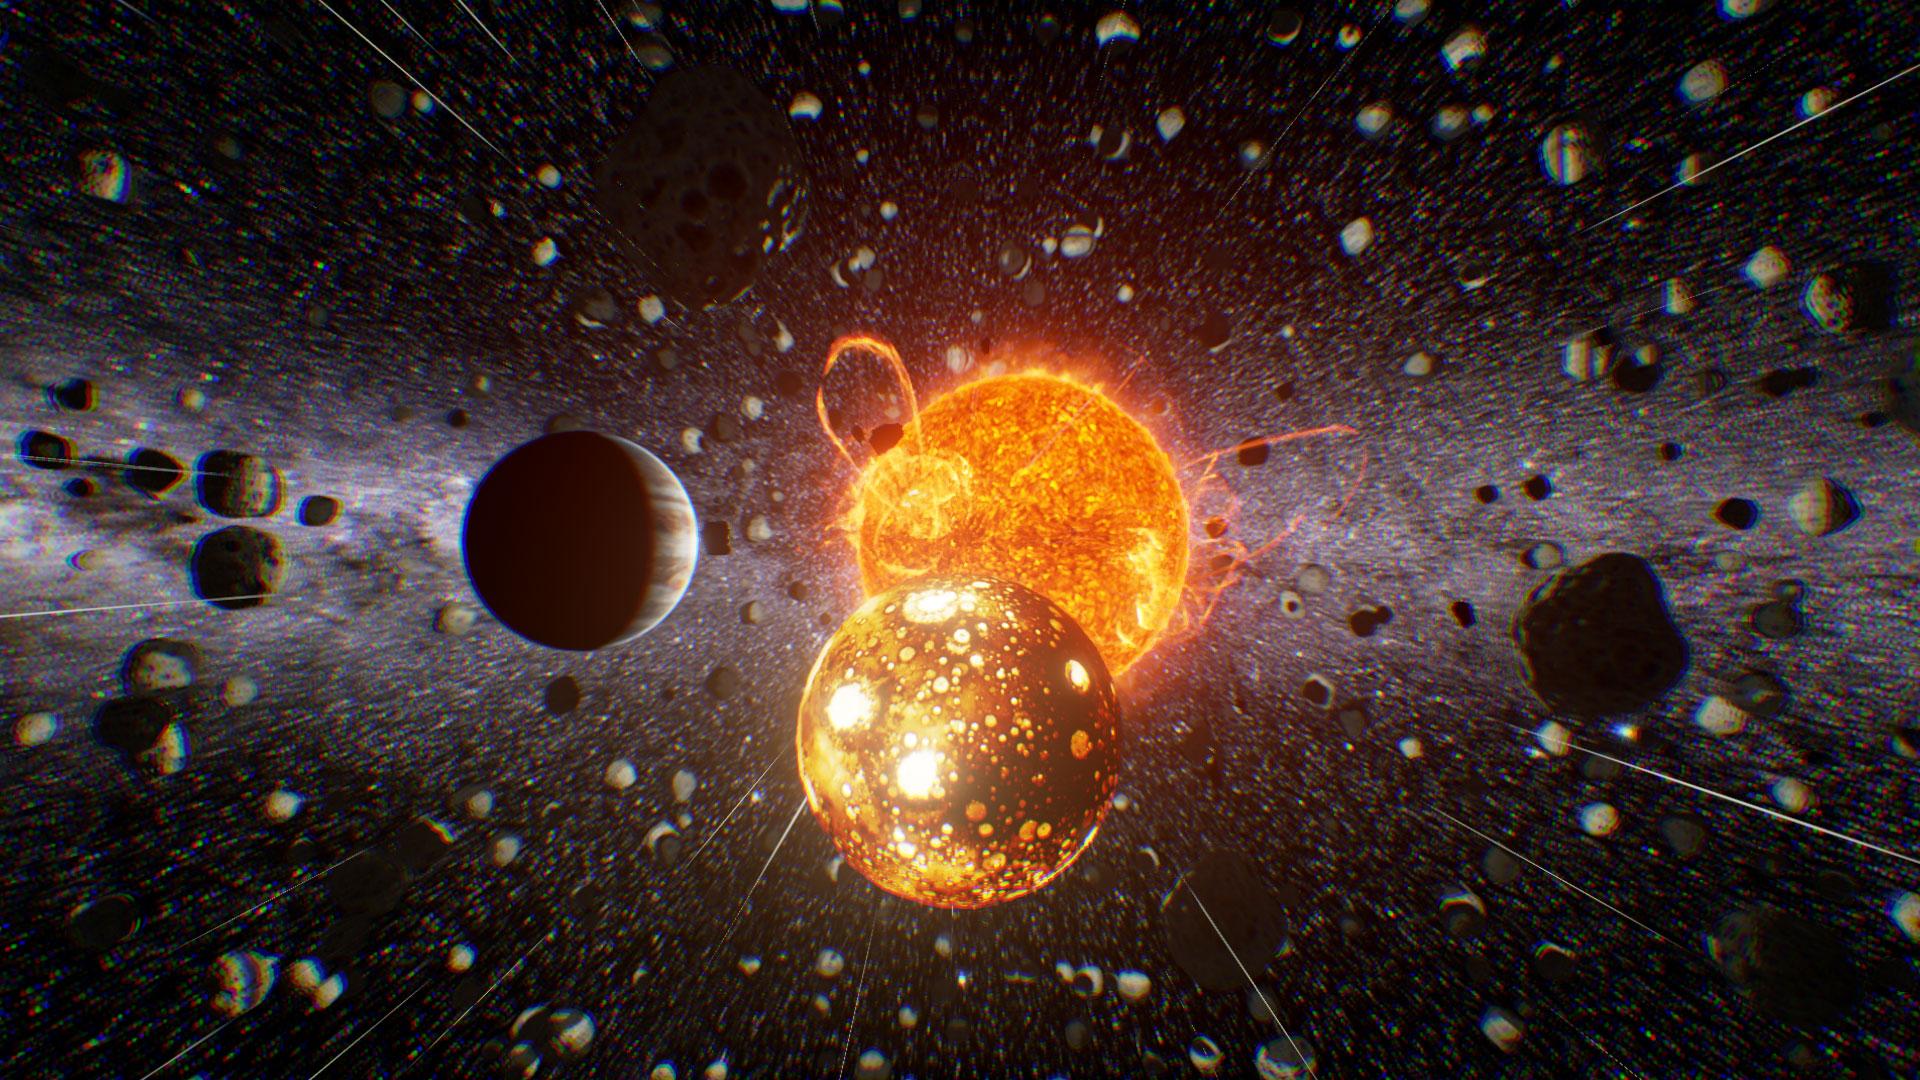 Protoplanet